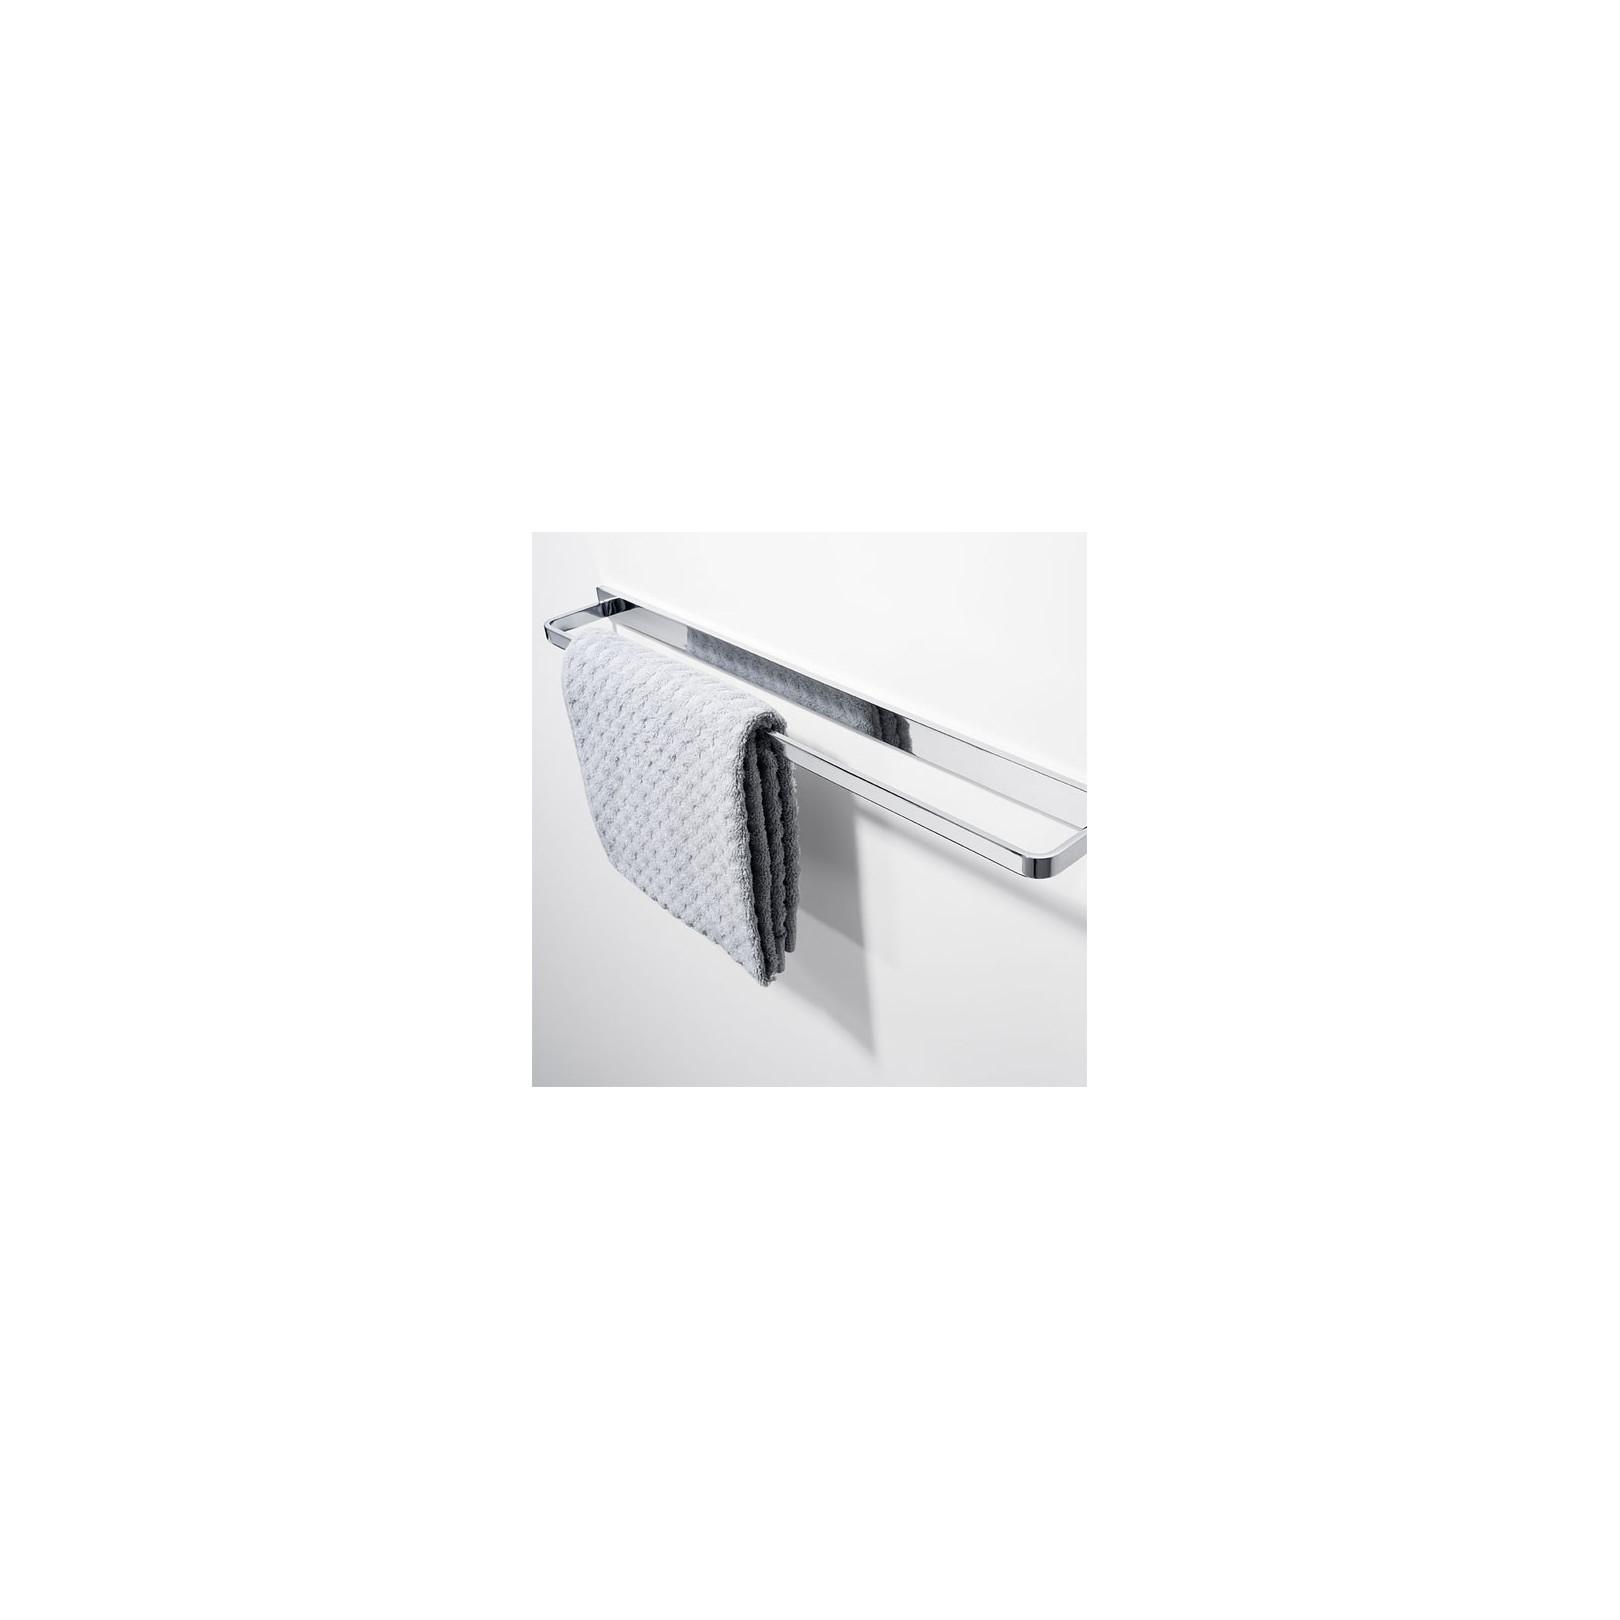 Barre, porte serviette 60cm laiton chromé 4502600, série450